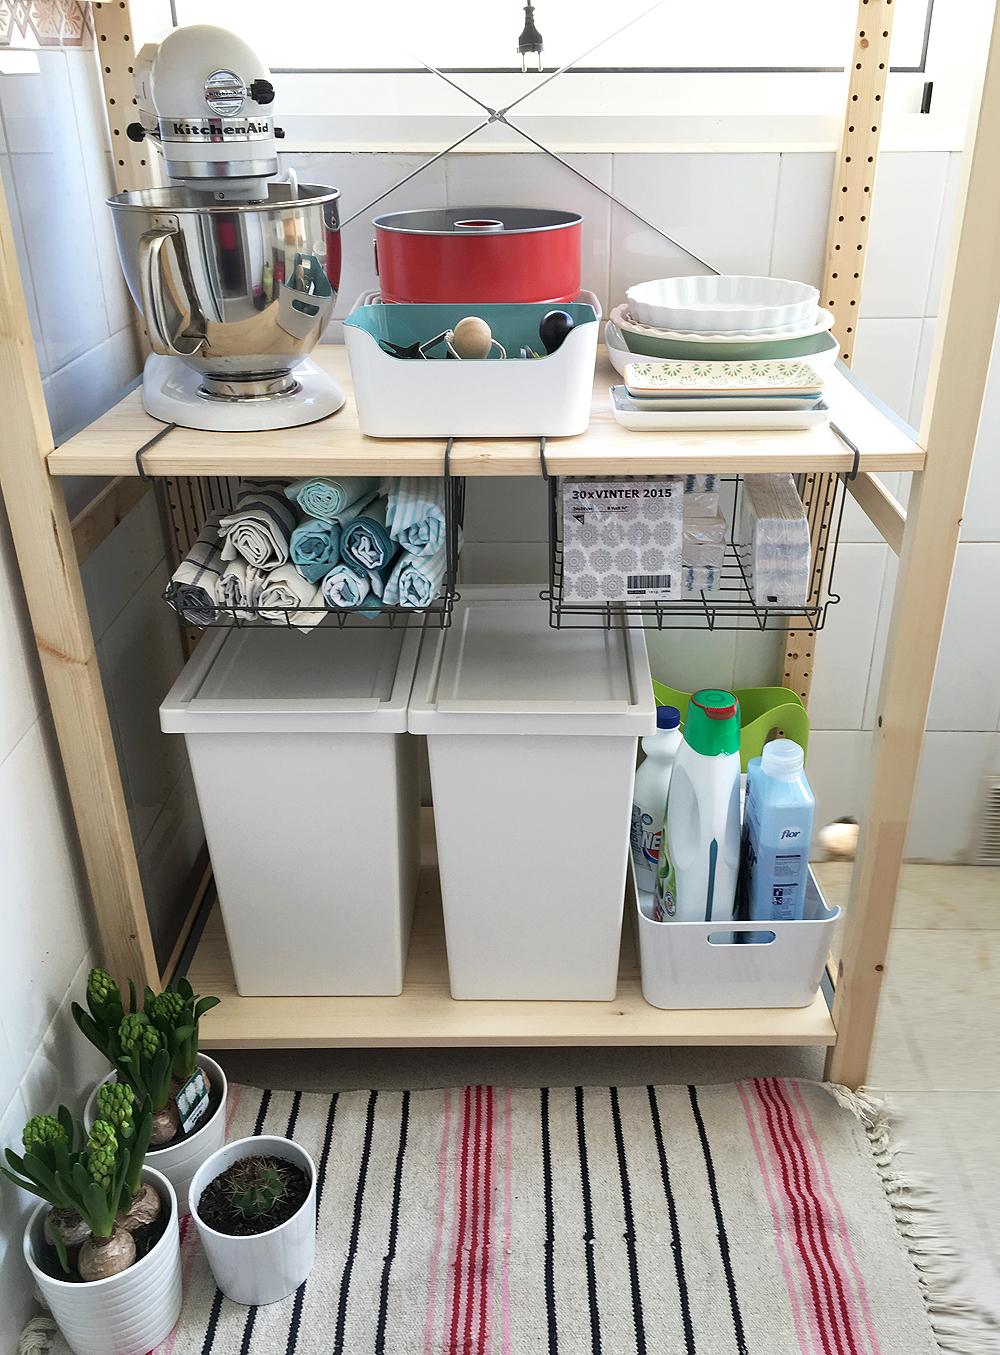 Ikea cocinas no es magia es orden todoenorden blog for Accesorios para organizar cocina